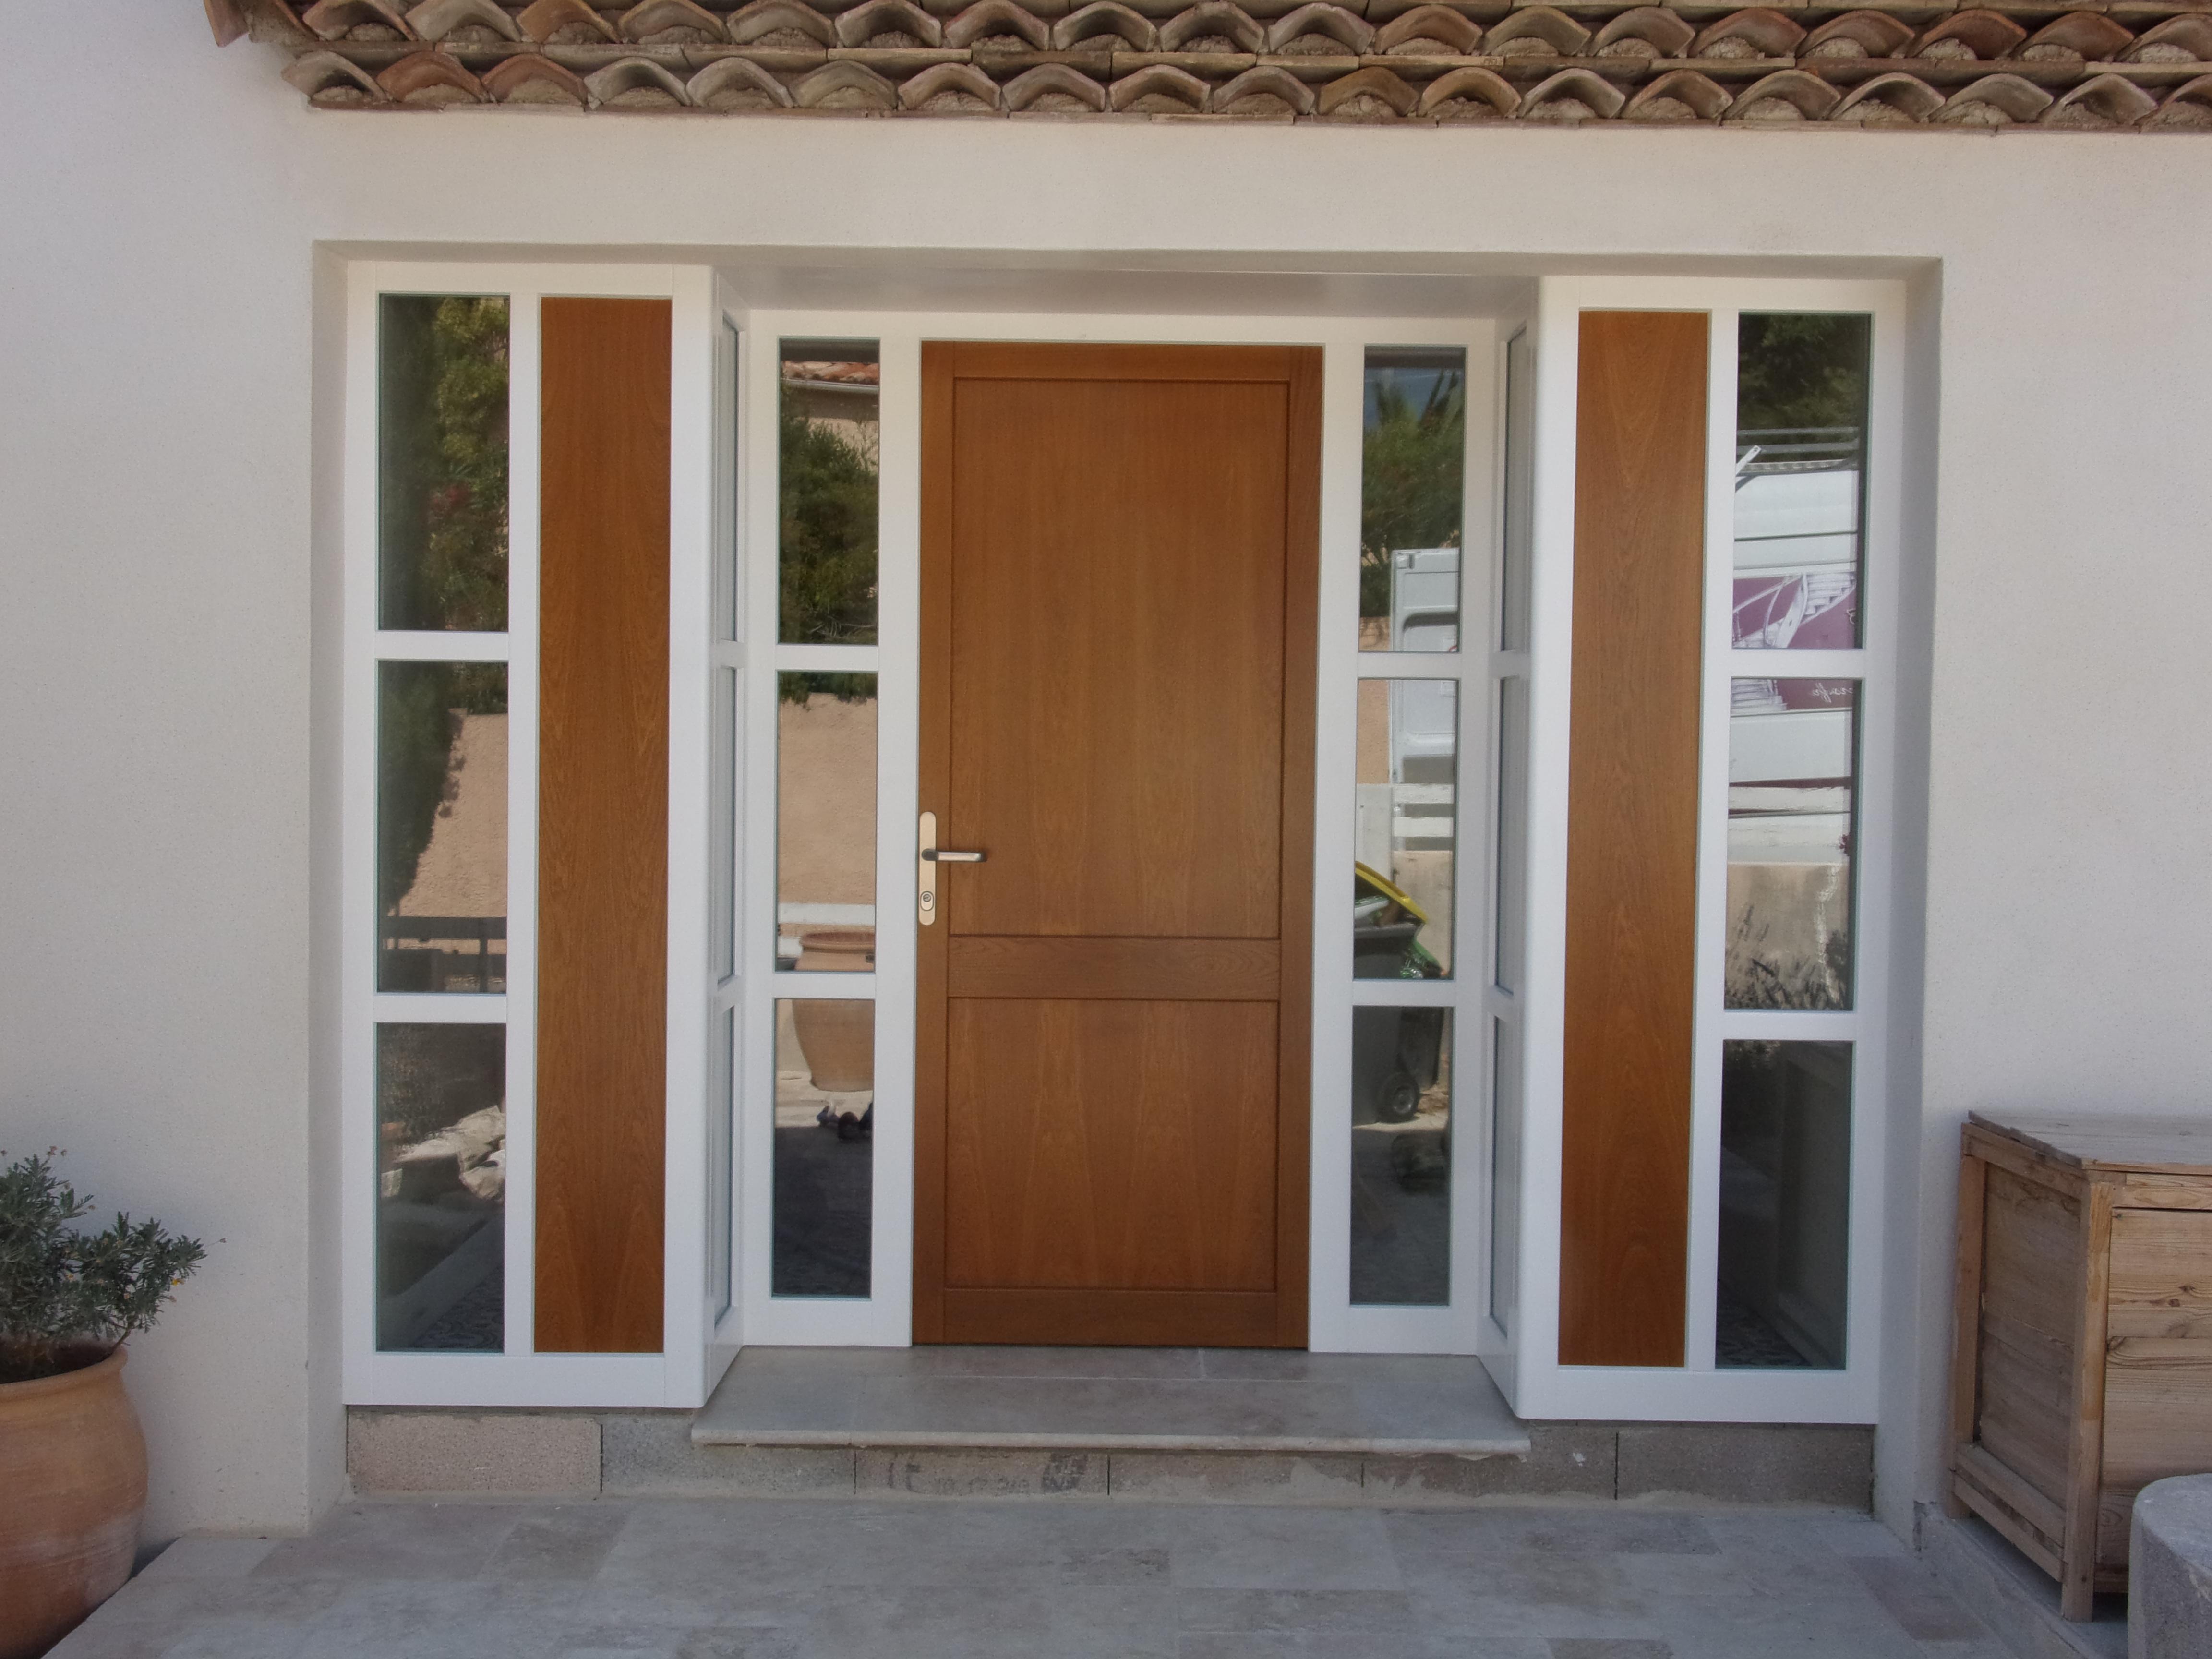 Sas D Entrée Interieur fermeture d'un sas d'entrée par une baie vitrée avec porte d